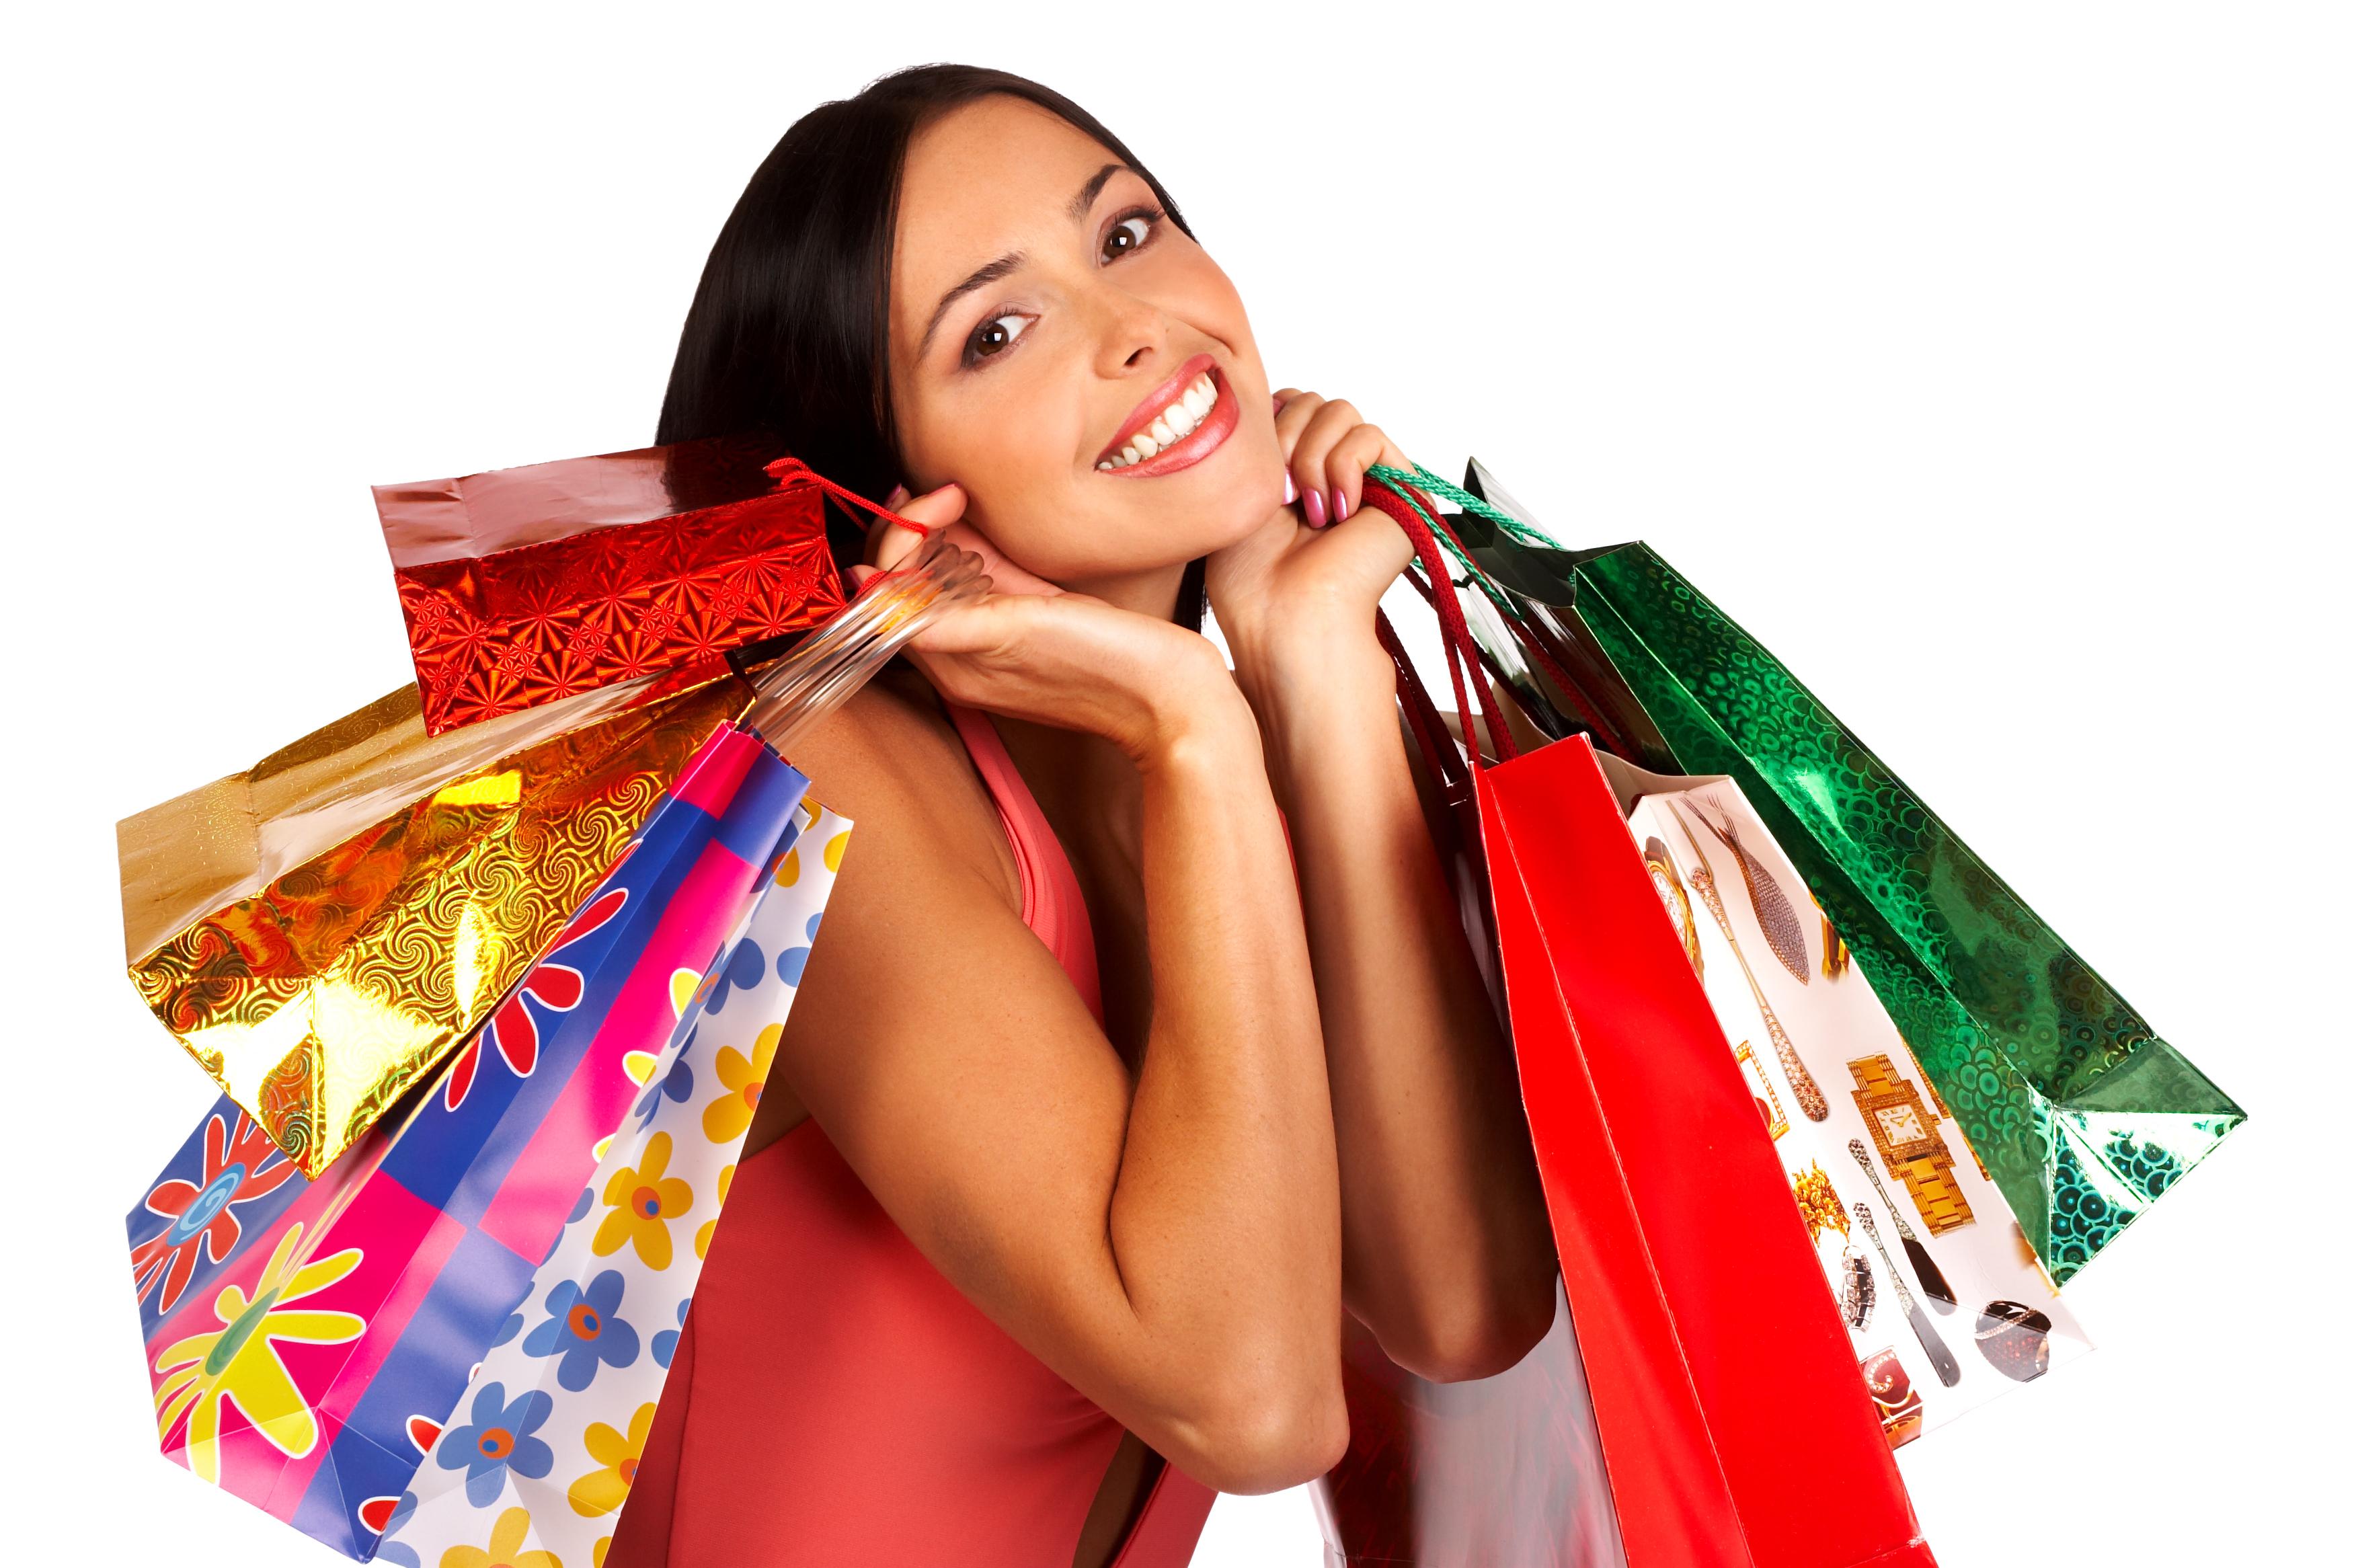 Картинка по продаже одежды